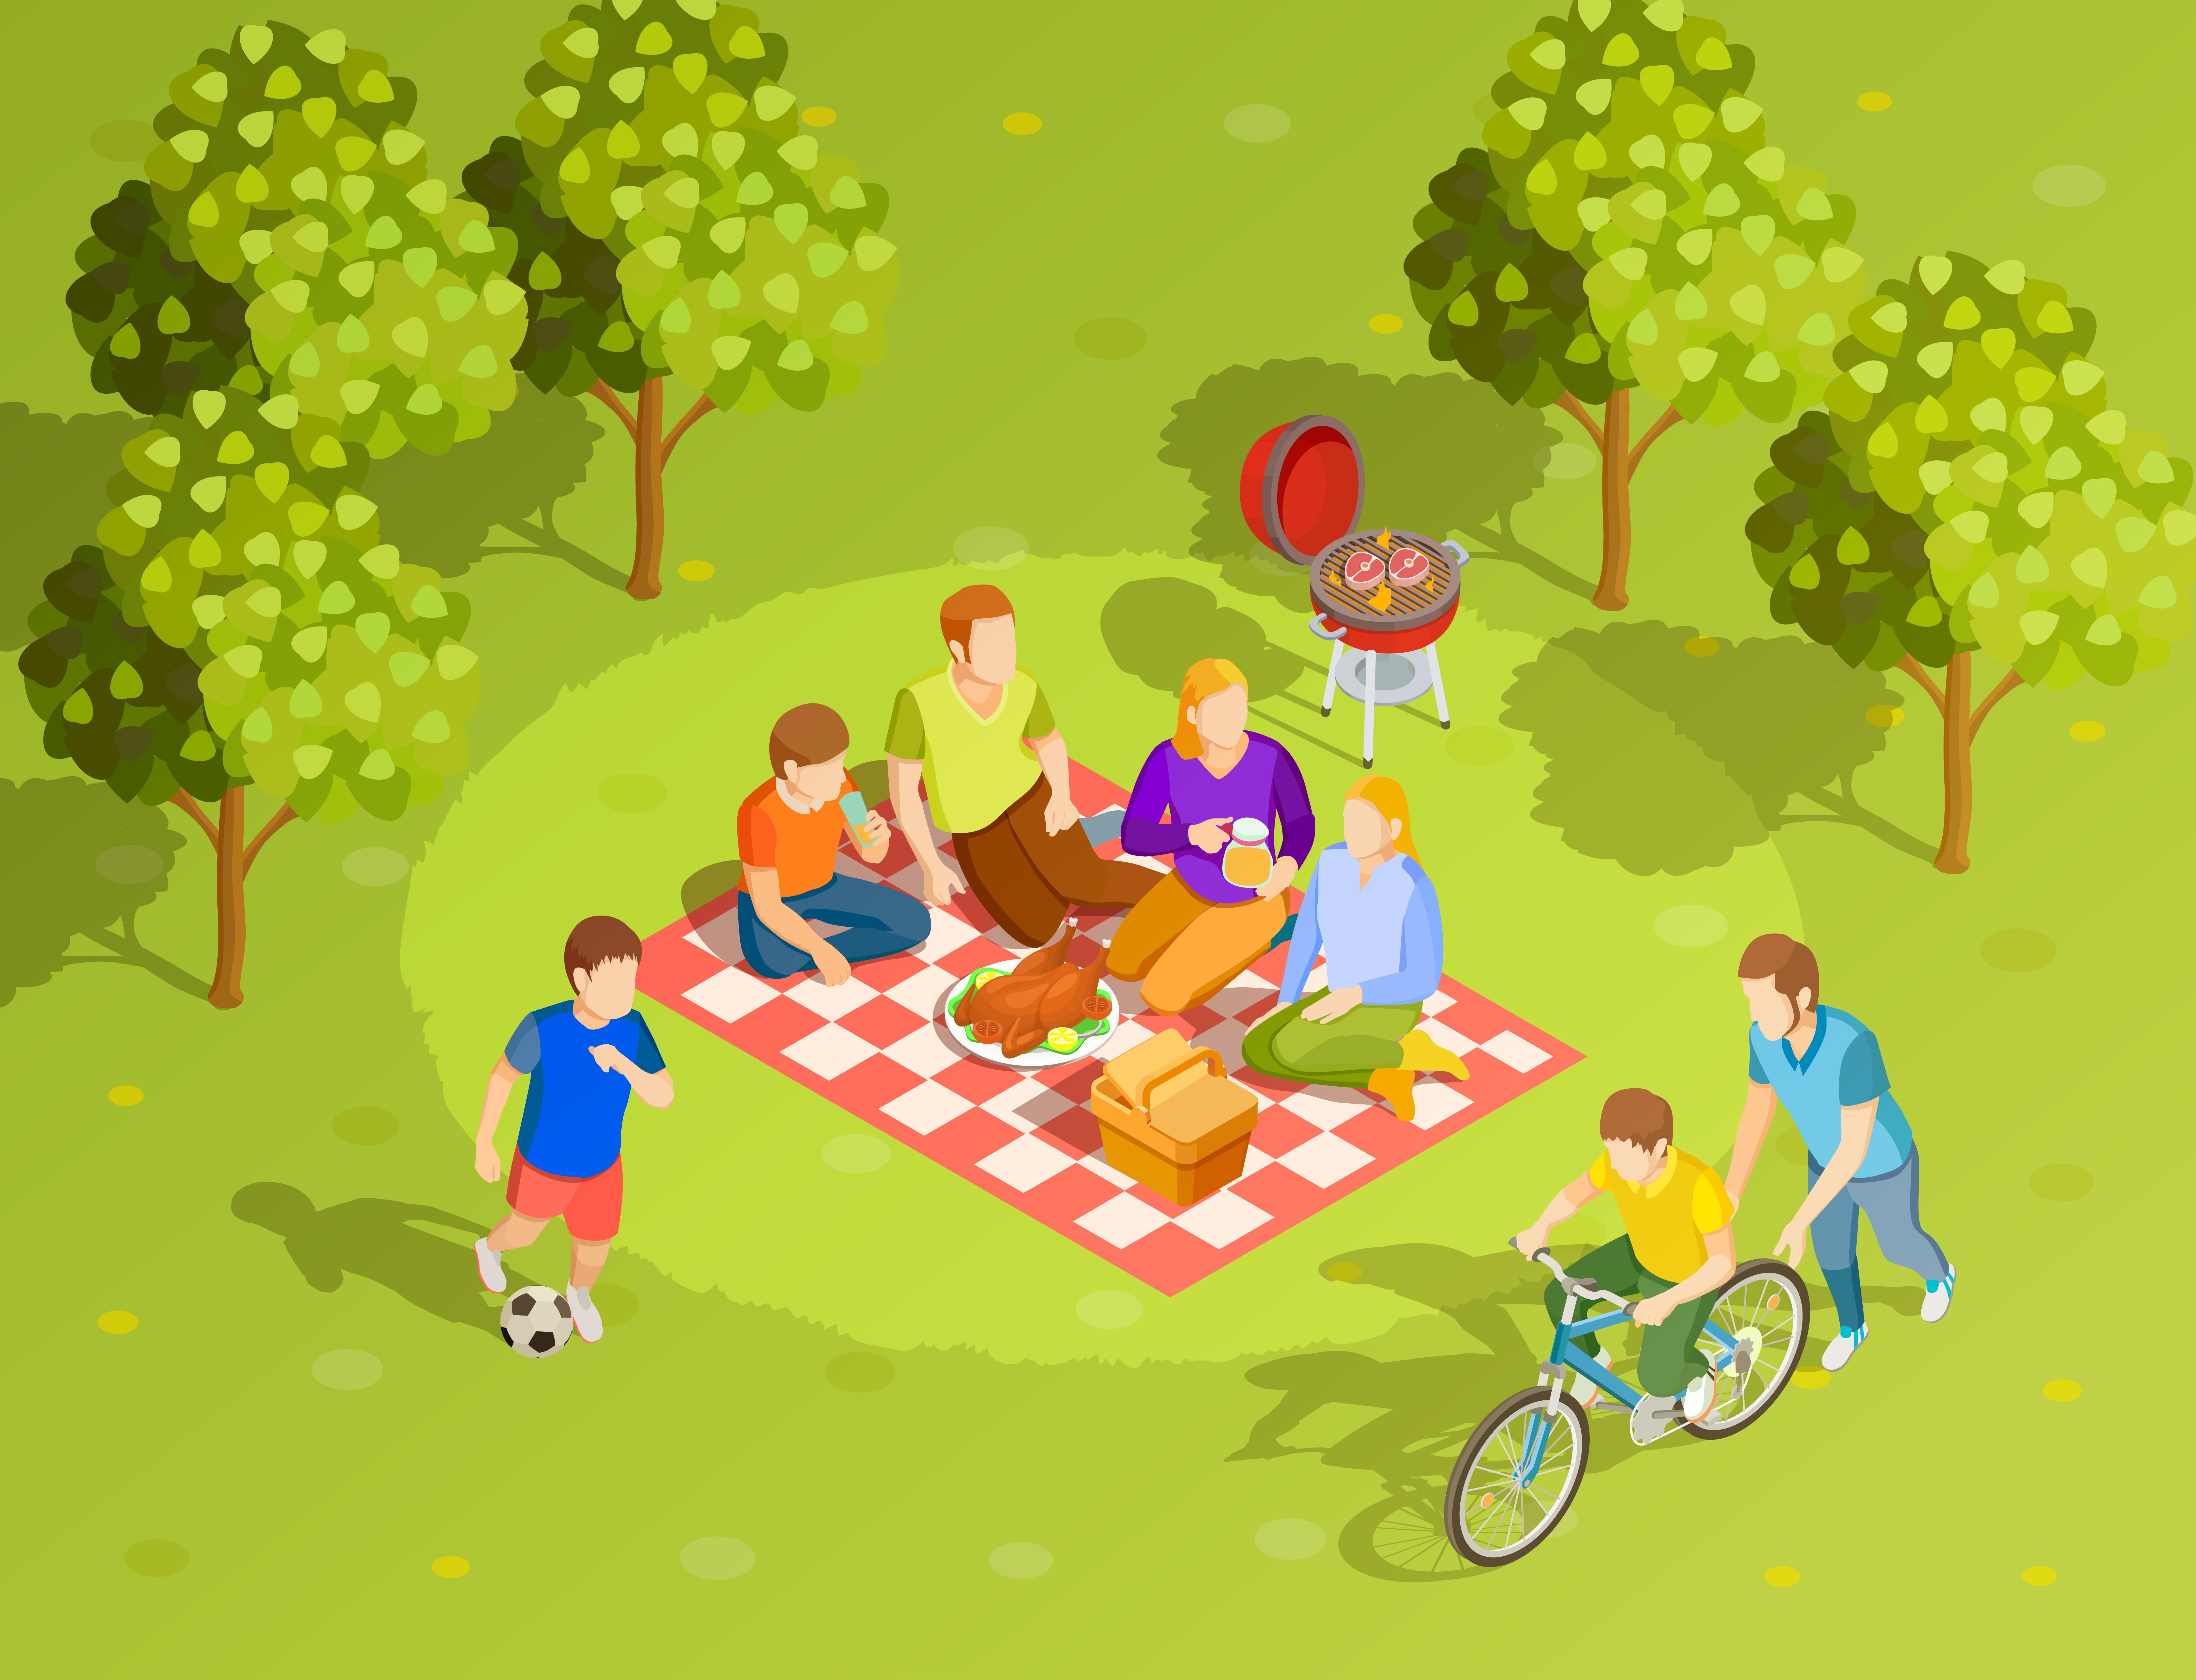 рисунок пикник с семьей заброшенный старый